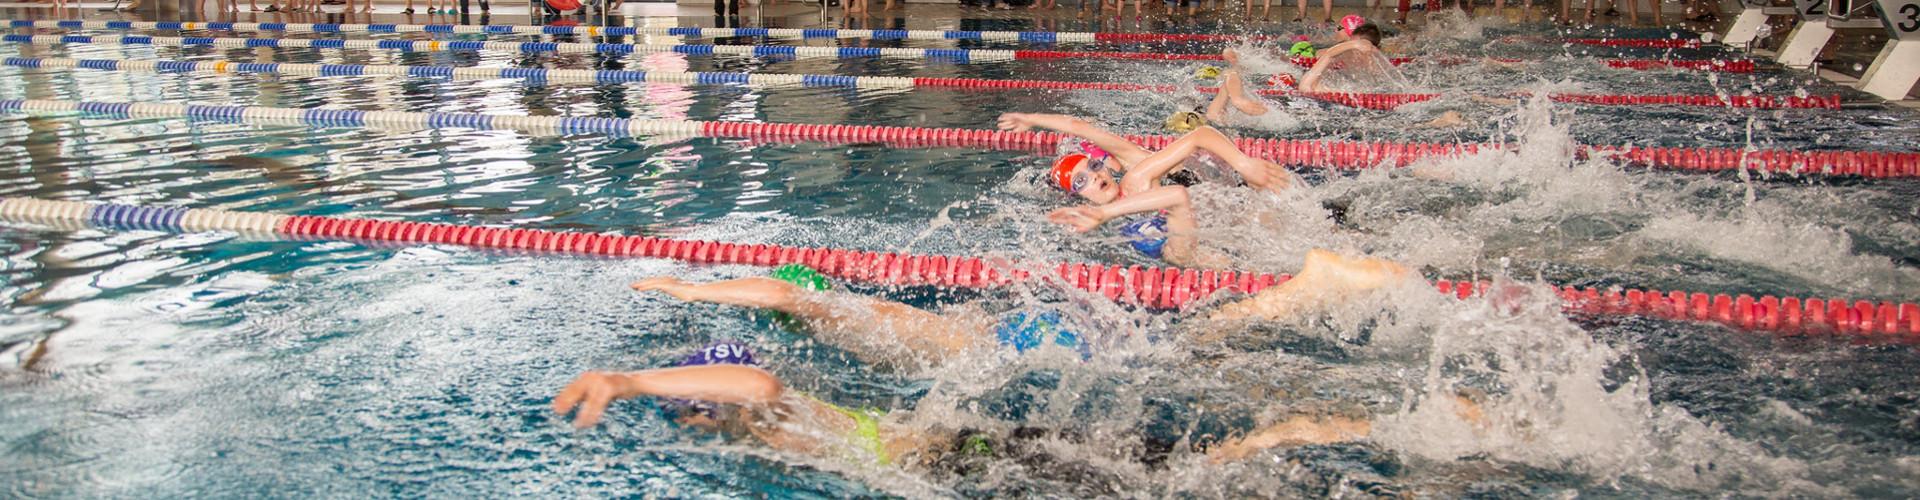 swimrun2016